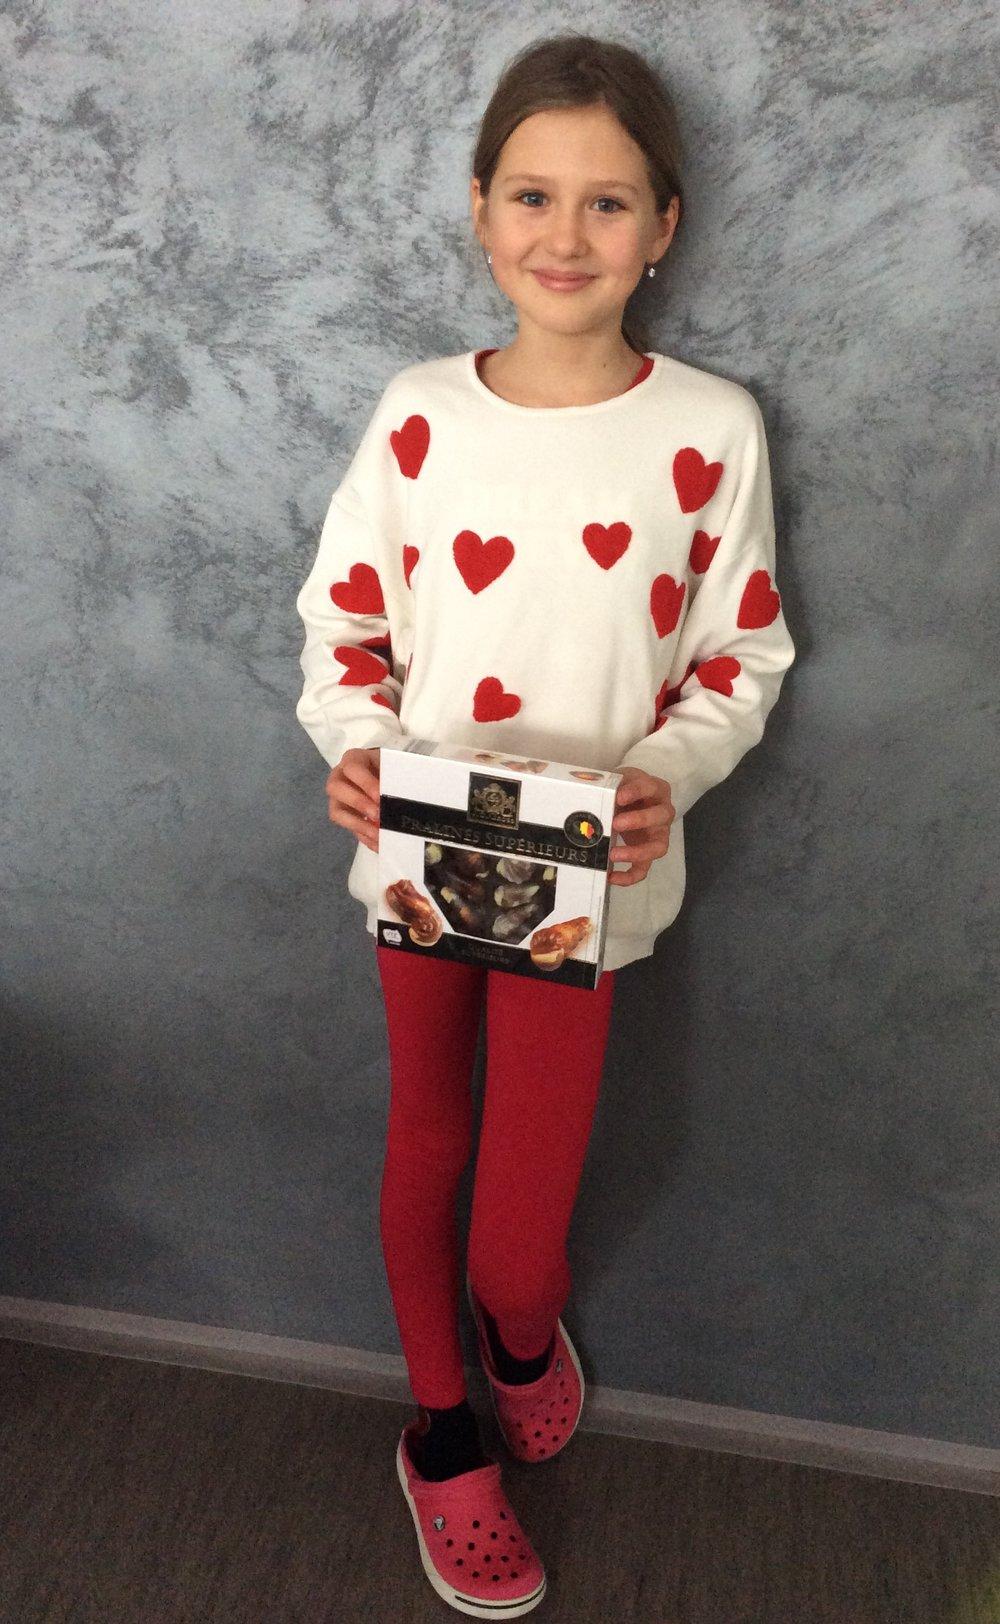 Deň sv. Valentína